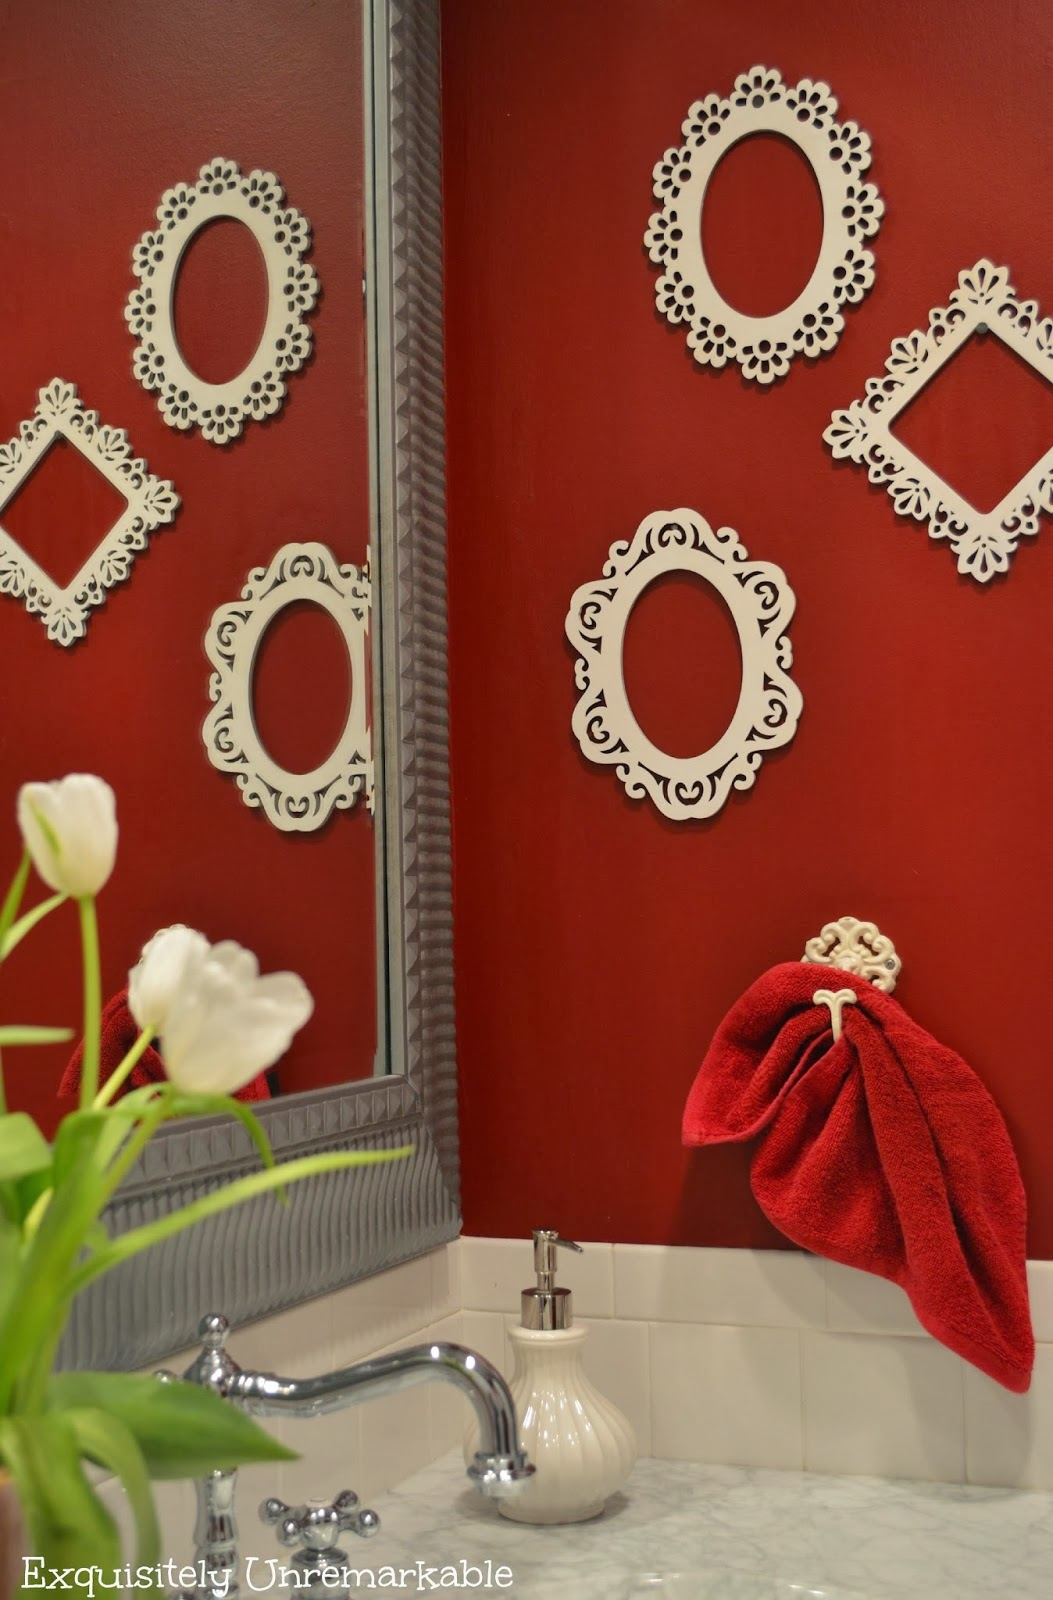 http://www.exquisitelyunremarkable.com/2014/01/elegant-wooden-frame-art.html